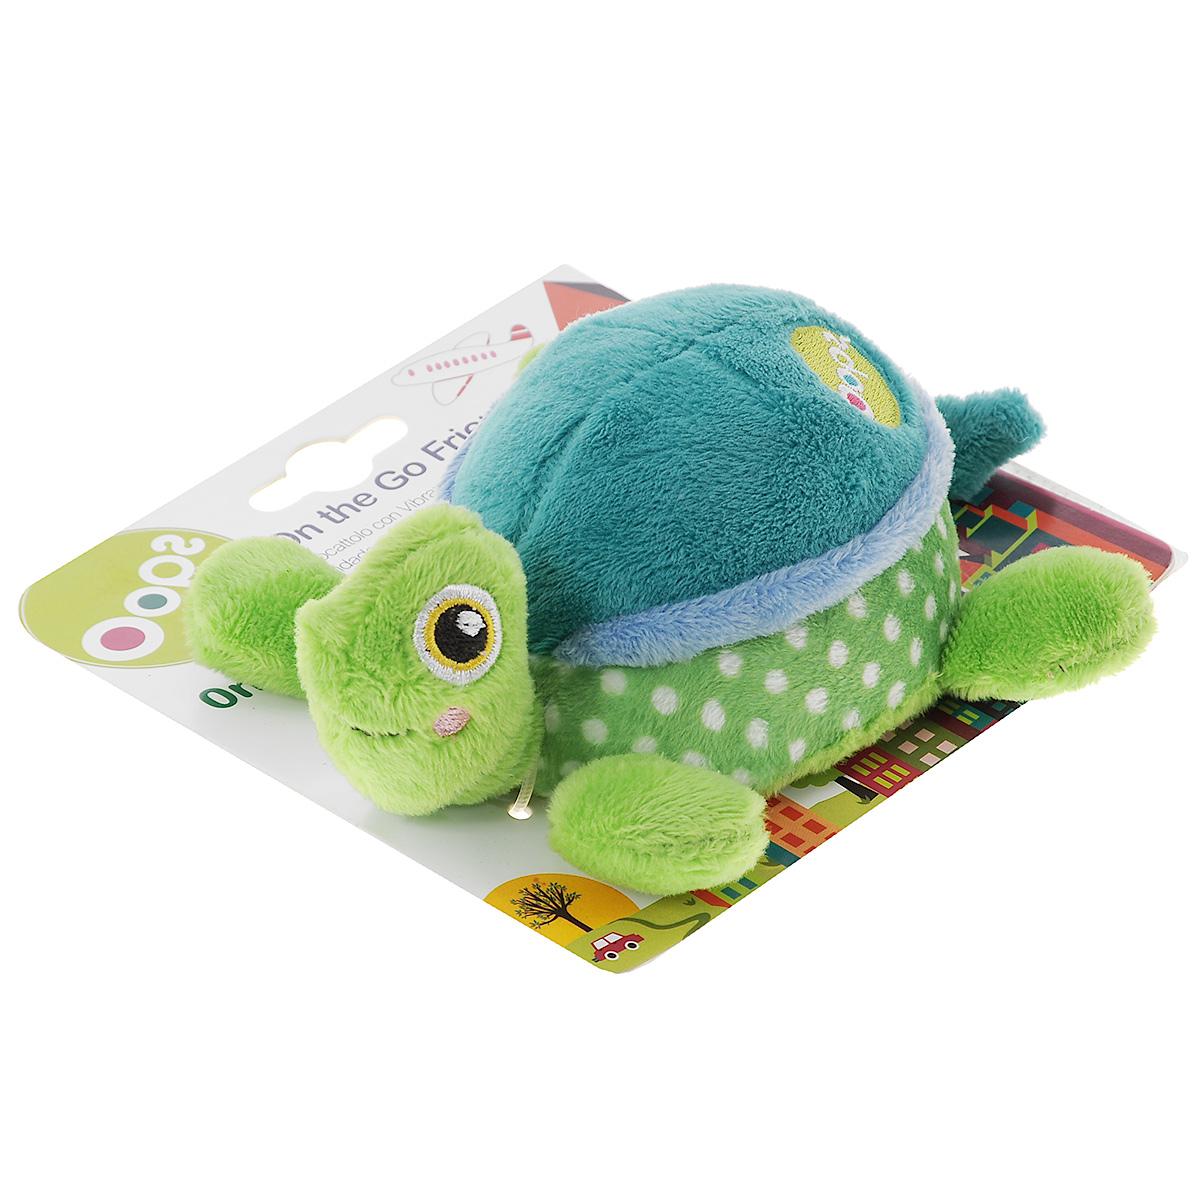 Игрушка развивающая OOPS Черепаха, цвет: зеленый, голубойO 13001.00_зеленый, голубойИгрушка развивающая OOPS Черепаха изготовлена из высококачественных текстильных материалов, безопасных для детей маленького возраста. Игрушка представляет собой забавную черепашку. Если ее потянуть за хвостик, то игрушка завибрирует. Игрушка мягкая, ее приятно сжимать и трогать. Развивающая игрушка OOPS Черепаха способствует развитию мелкой моторики и зрительно-цветовому восприятию. Такая игрушка обязательно понравится вашему ребенку.